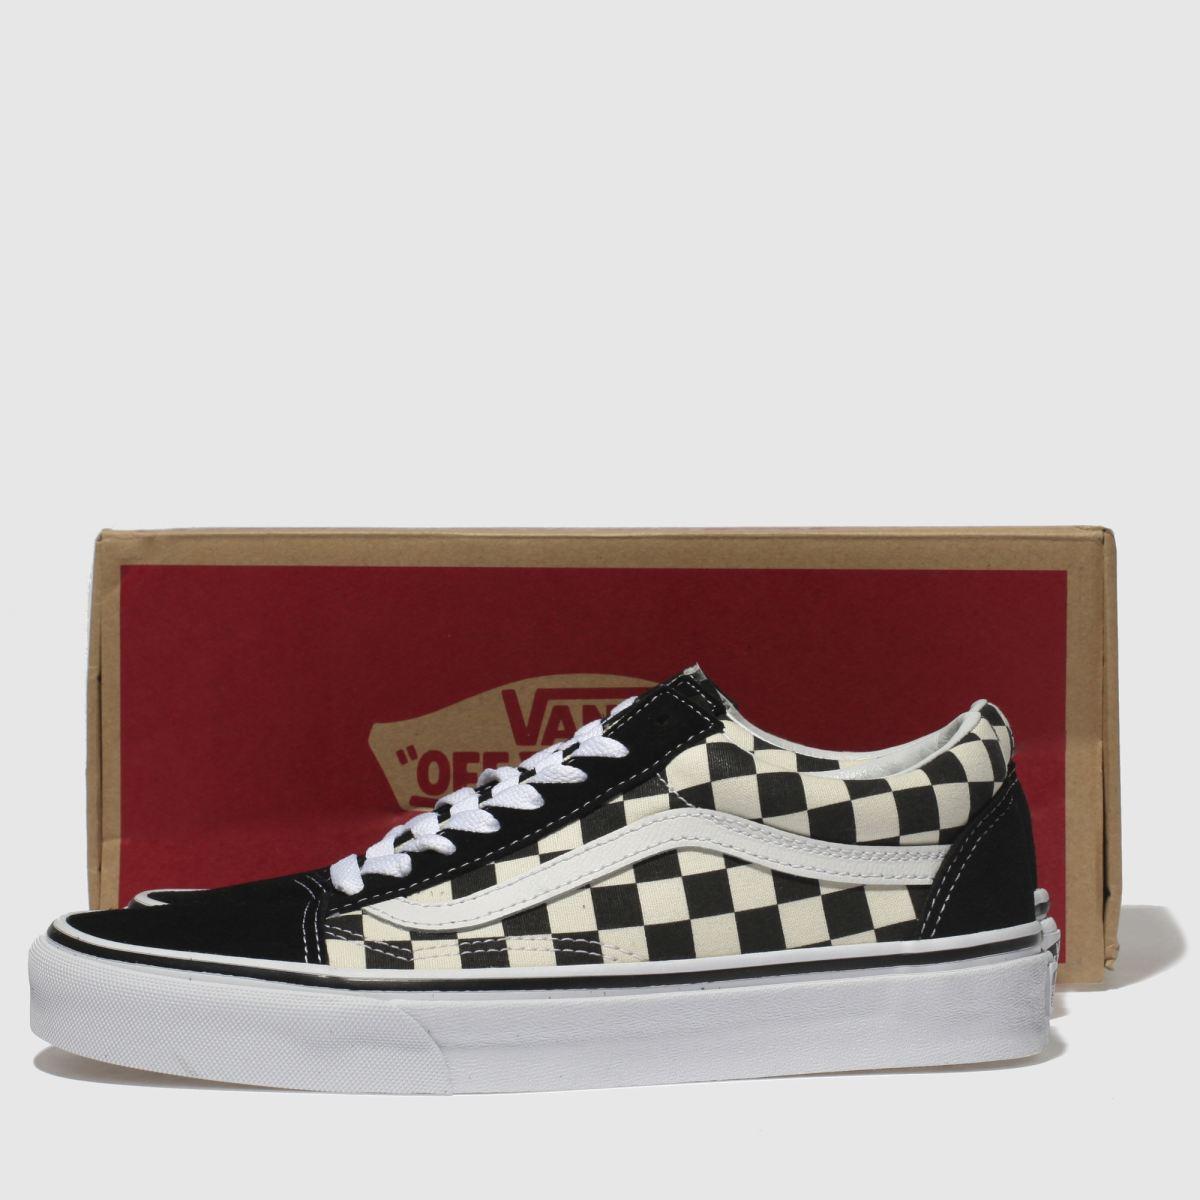 Damen Schwarz-weiß vans Old Skool Primary Check Qualität Sneaker   schuh Gute Qualität Check beliebte Schuhe fcdd1b